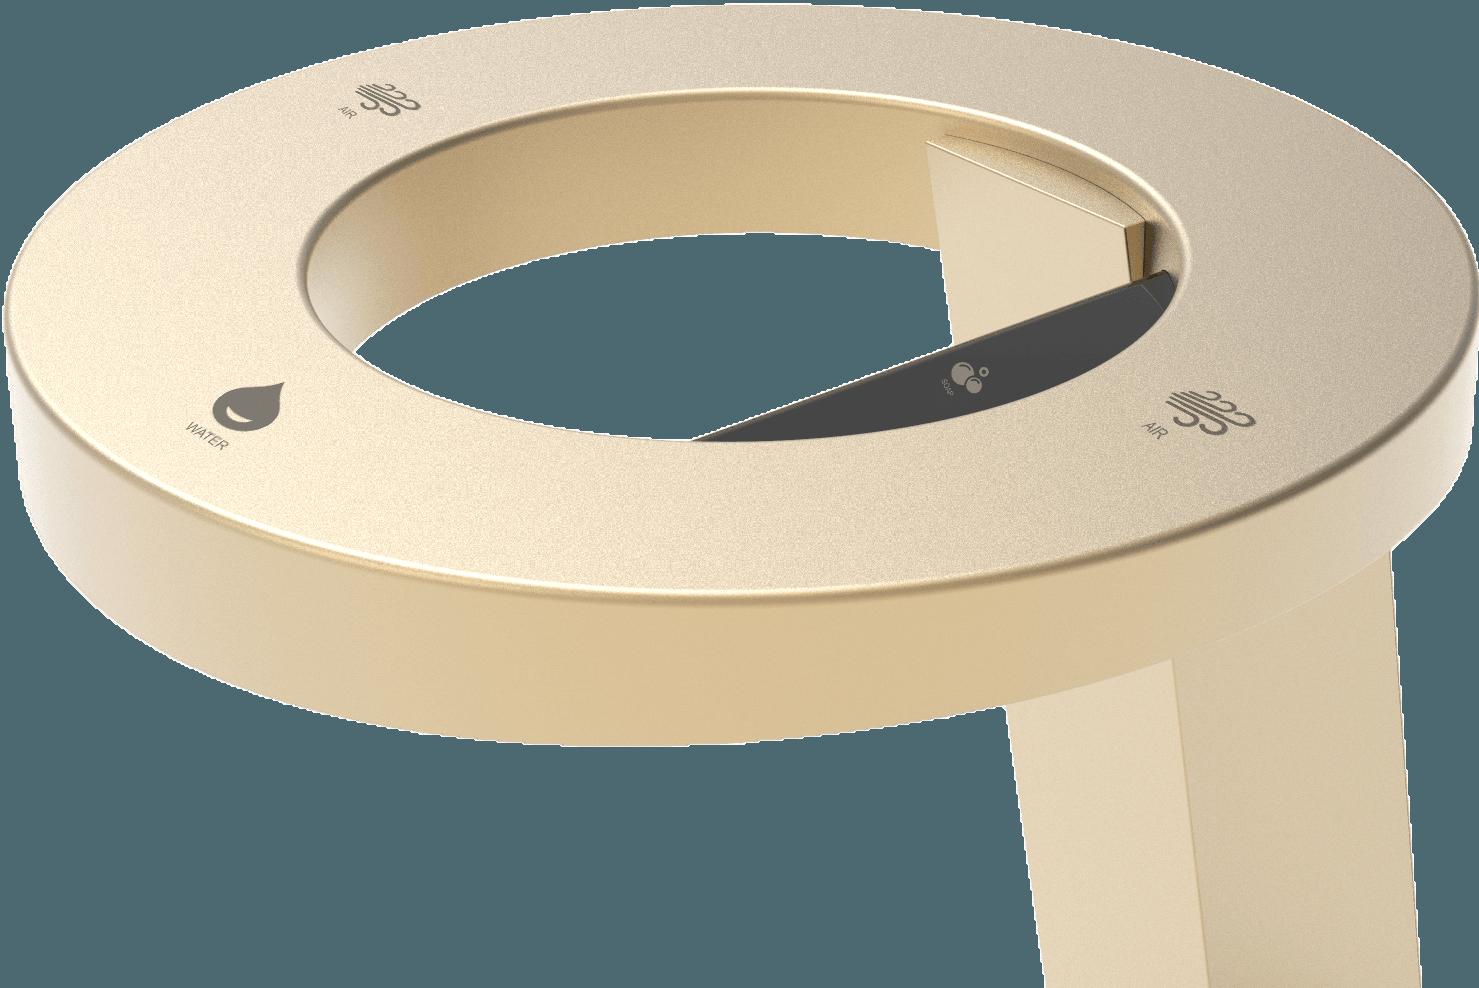 Handtork Soma Concept 3 Guld - handtork, tvål och vattenkran